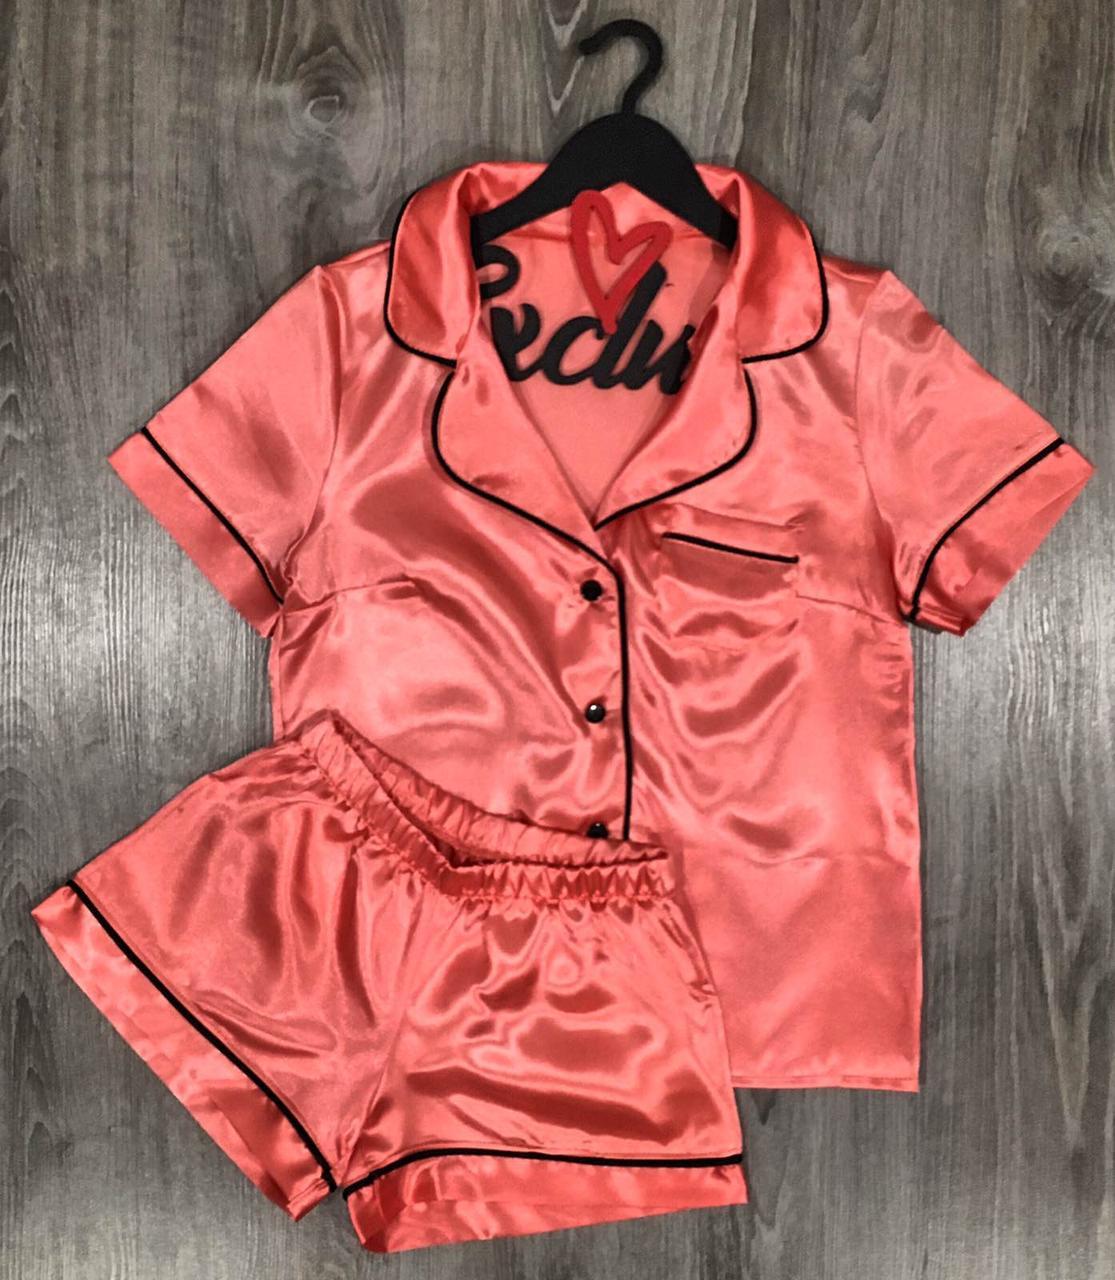 Персиковый пижамный комплект из атласа рубашка и шорты.